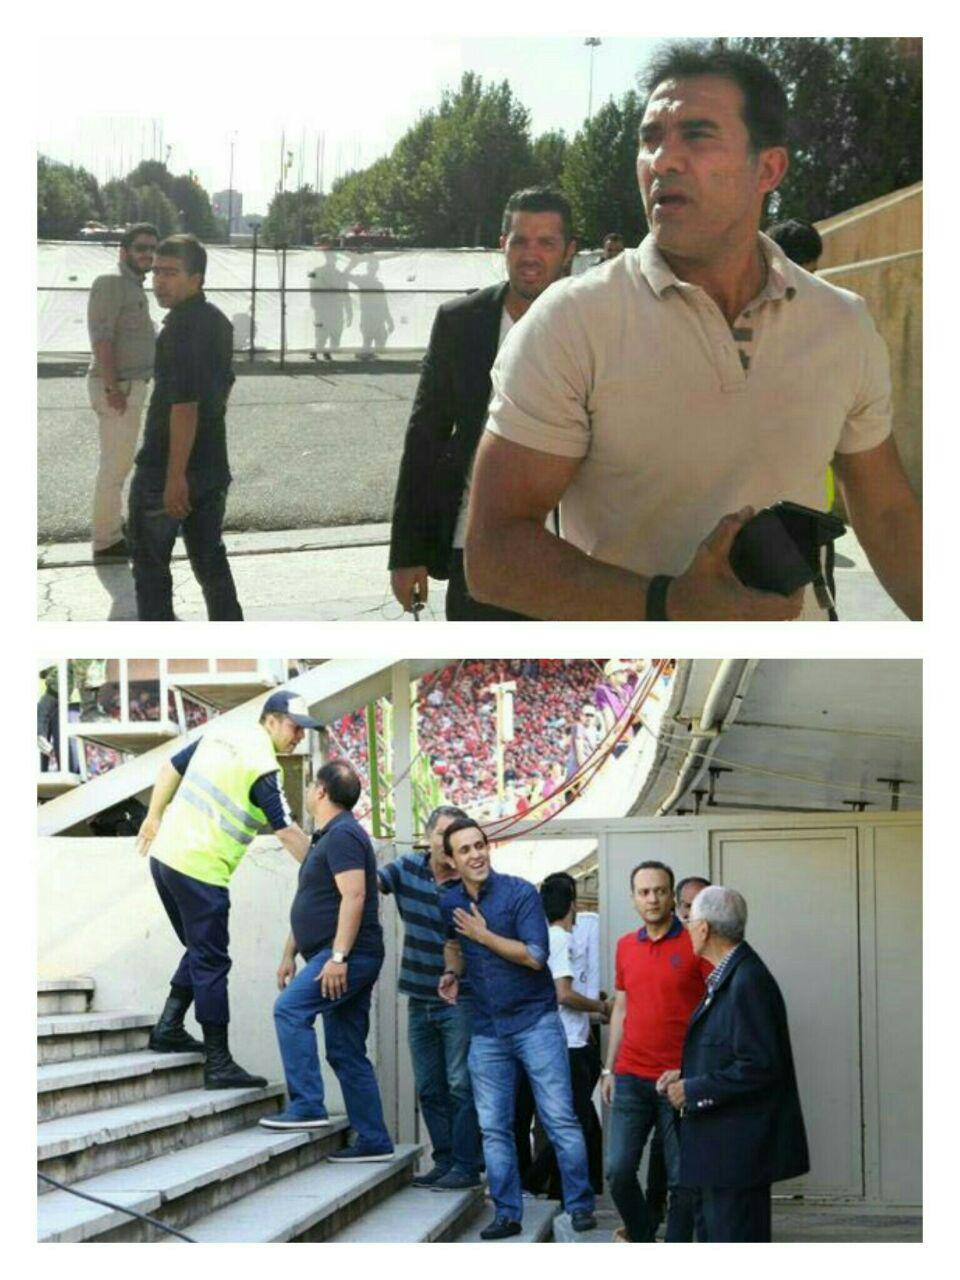 حضور علی کریمی و عابدزاده در ورزشگاه آزادی+تصاویر